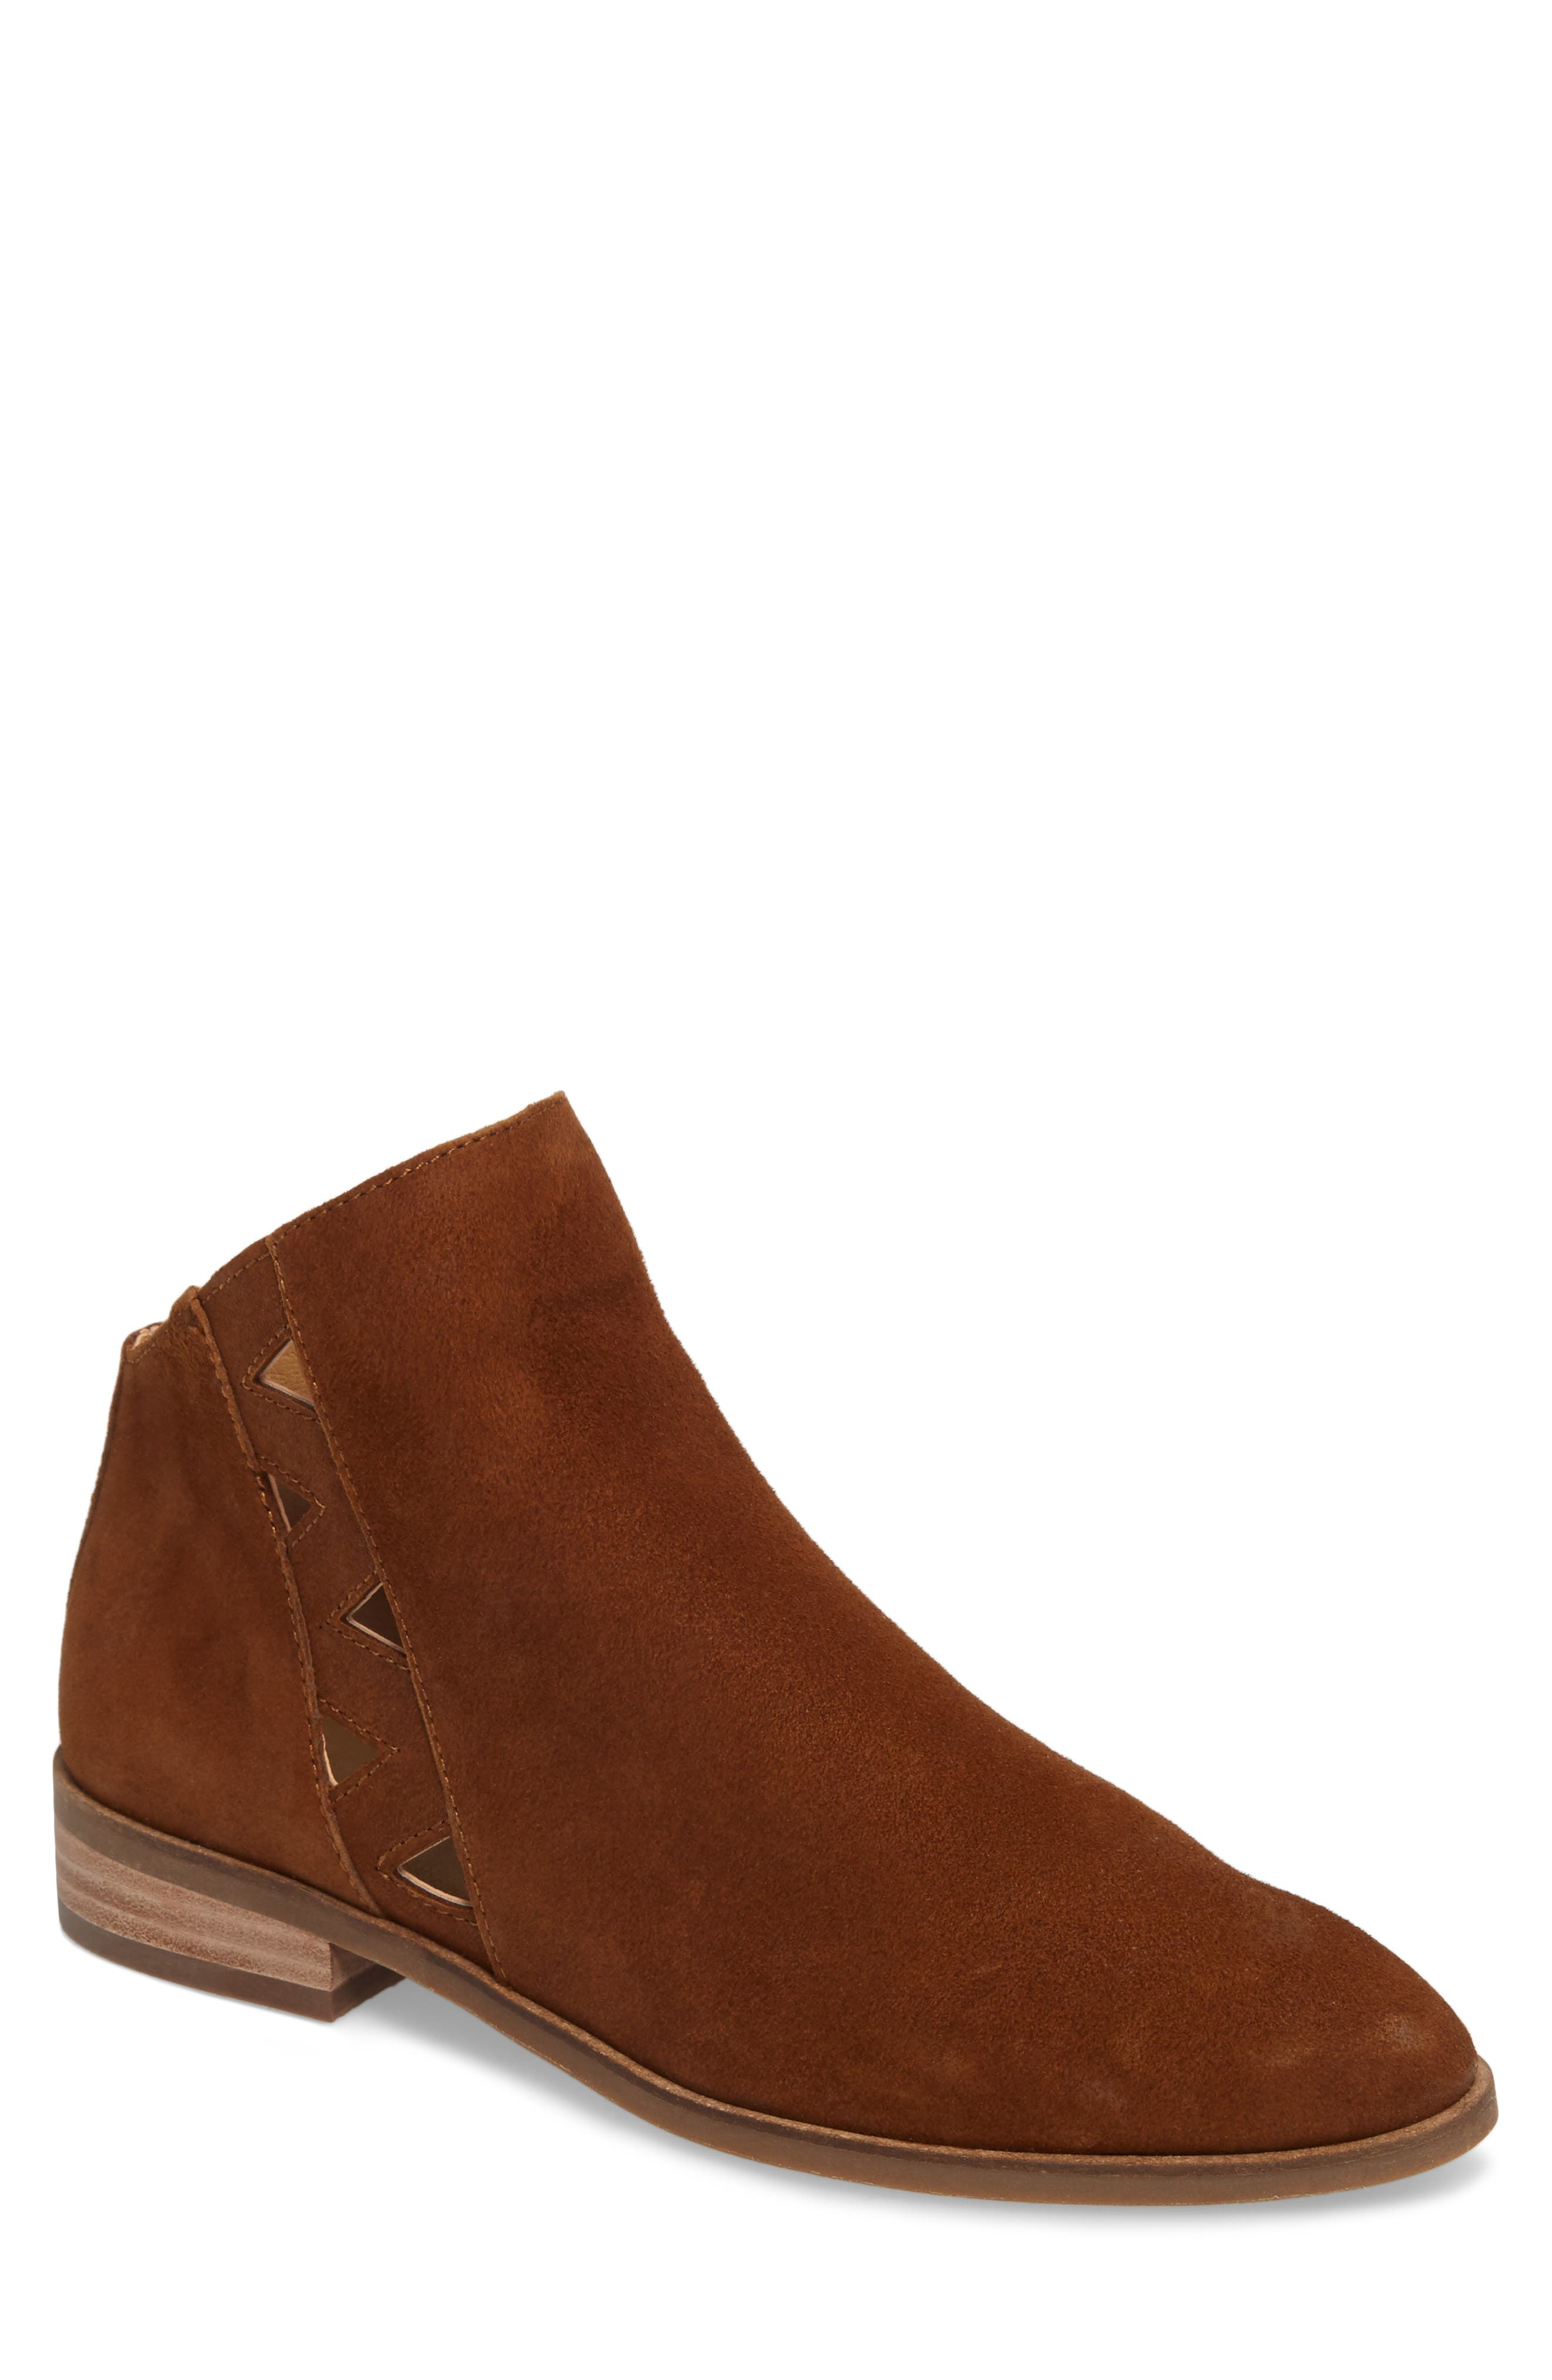 Jakeela Bootie,                         Main,                         color, Cedar Leather